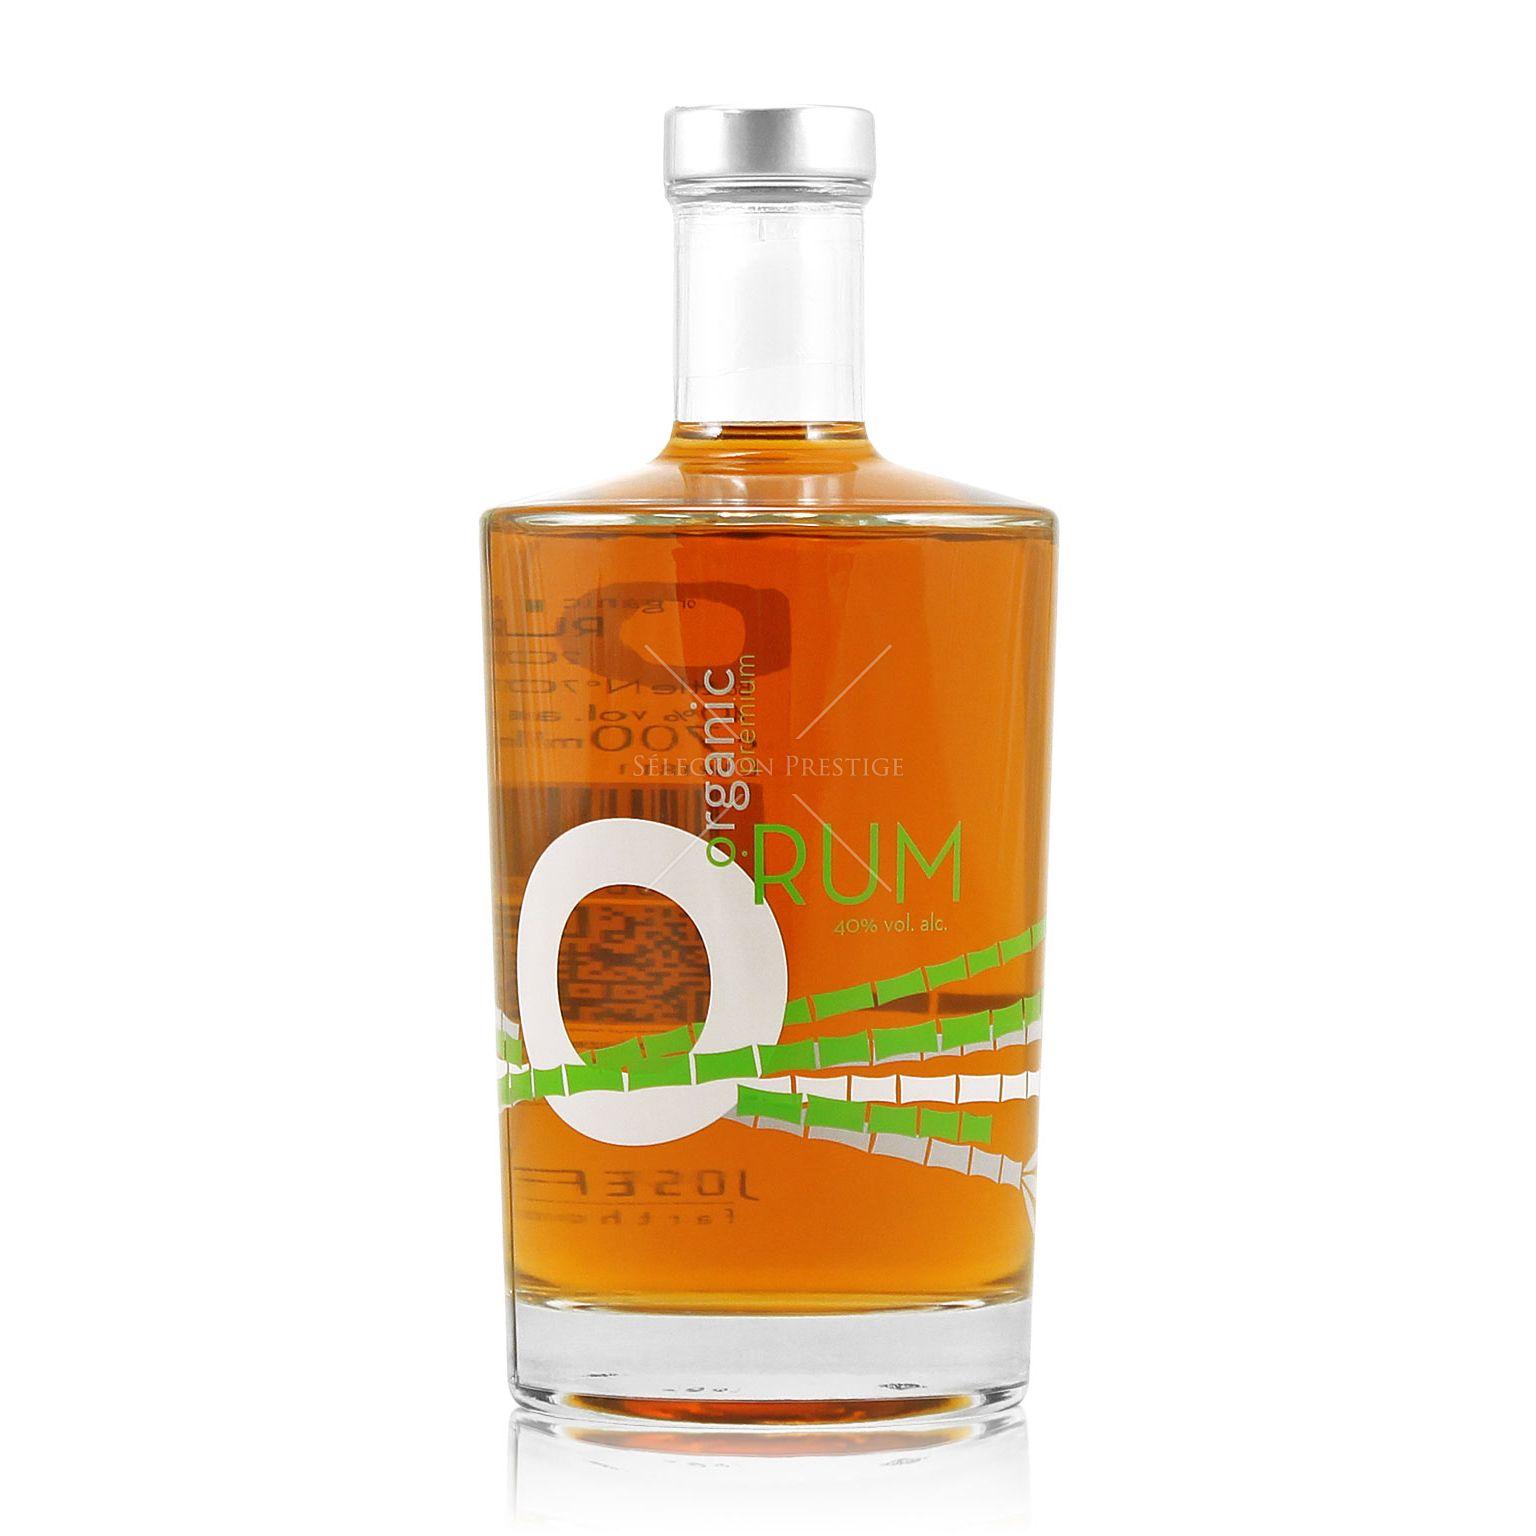 Bio Rum